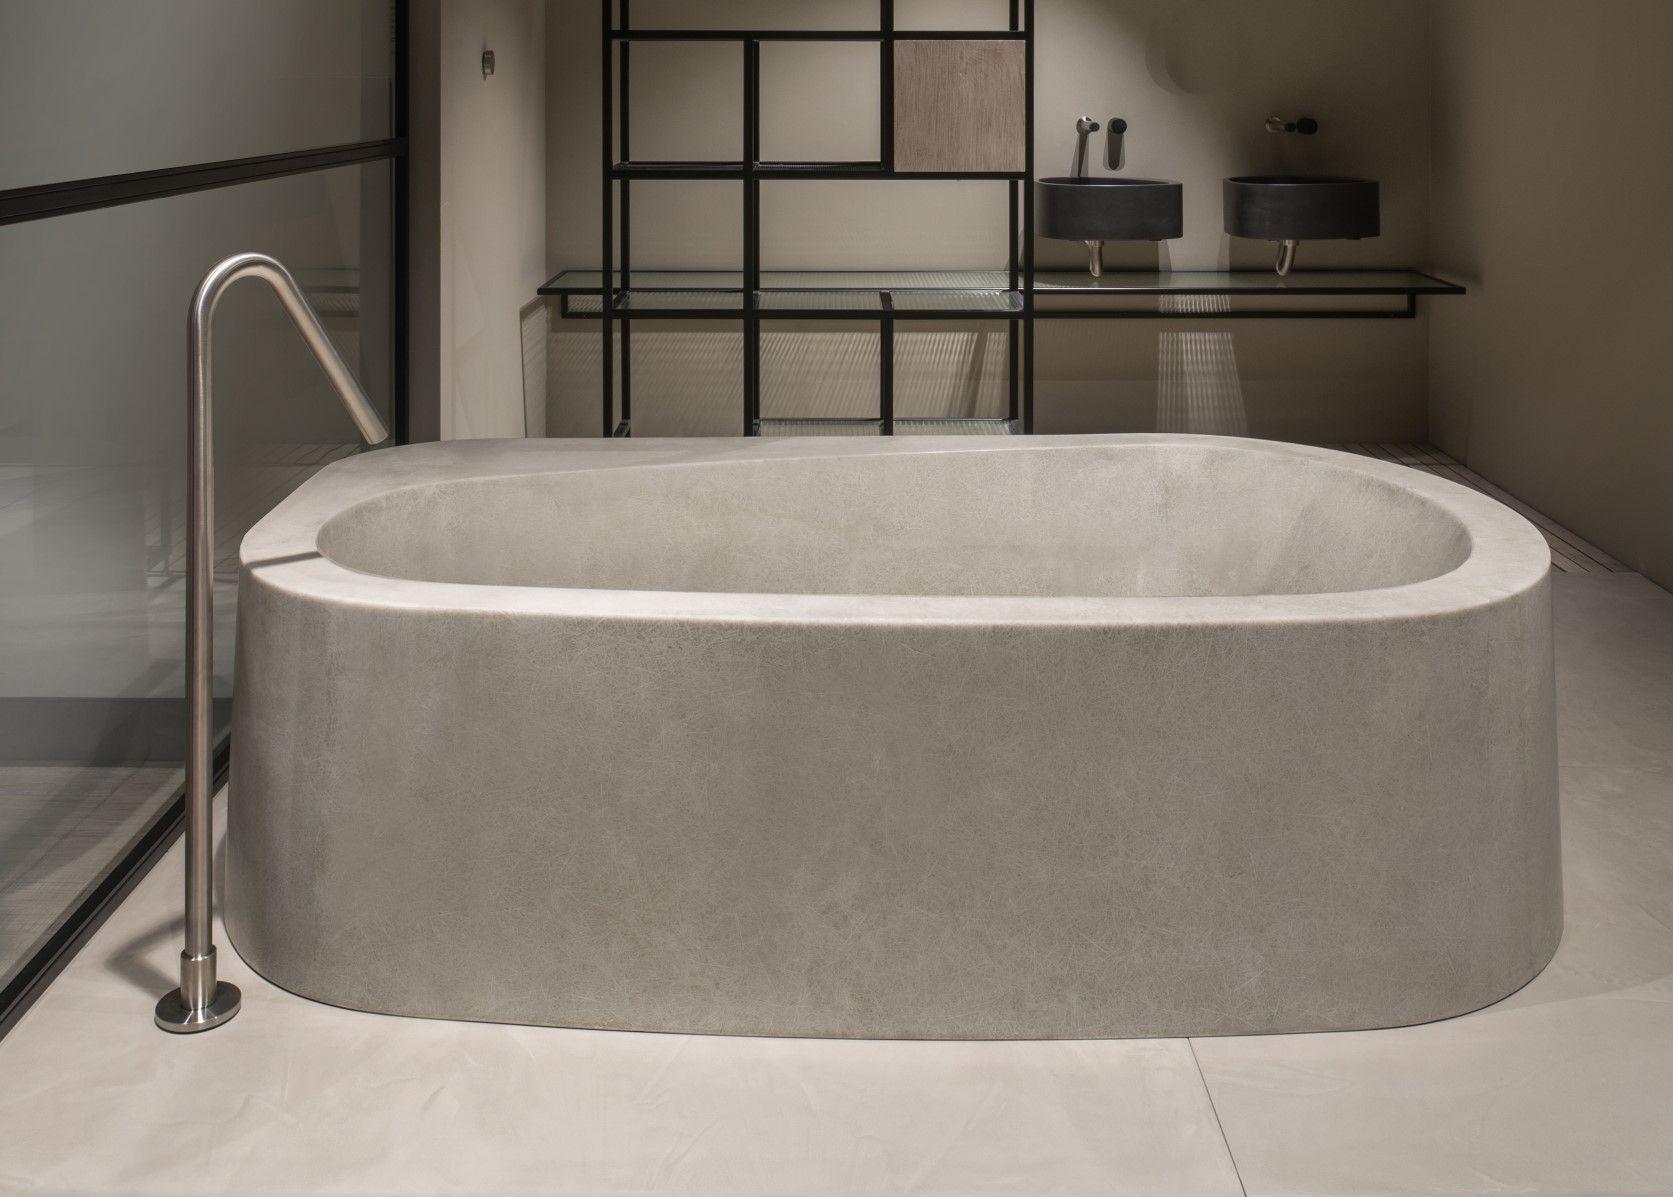 Moab80 Badewannen Badewanne Unterschrank Wanne